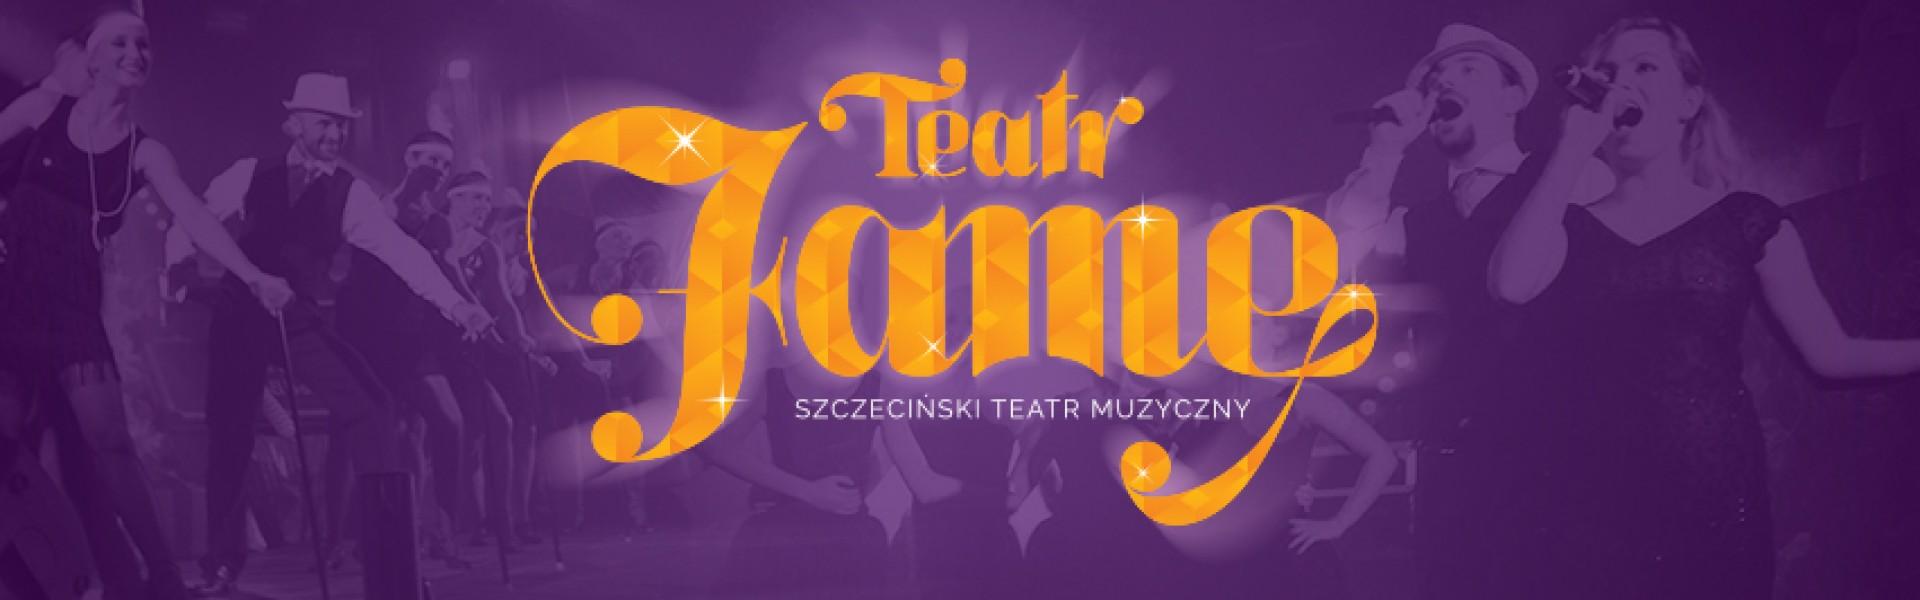 Teatr Fame